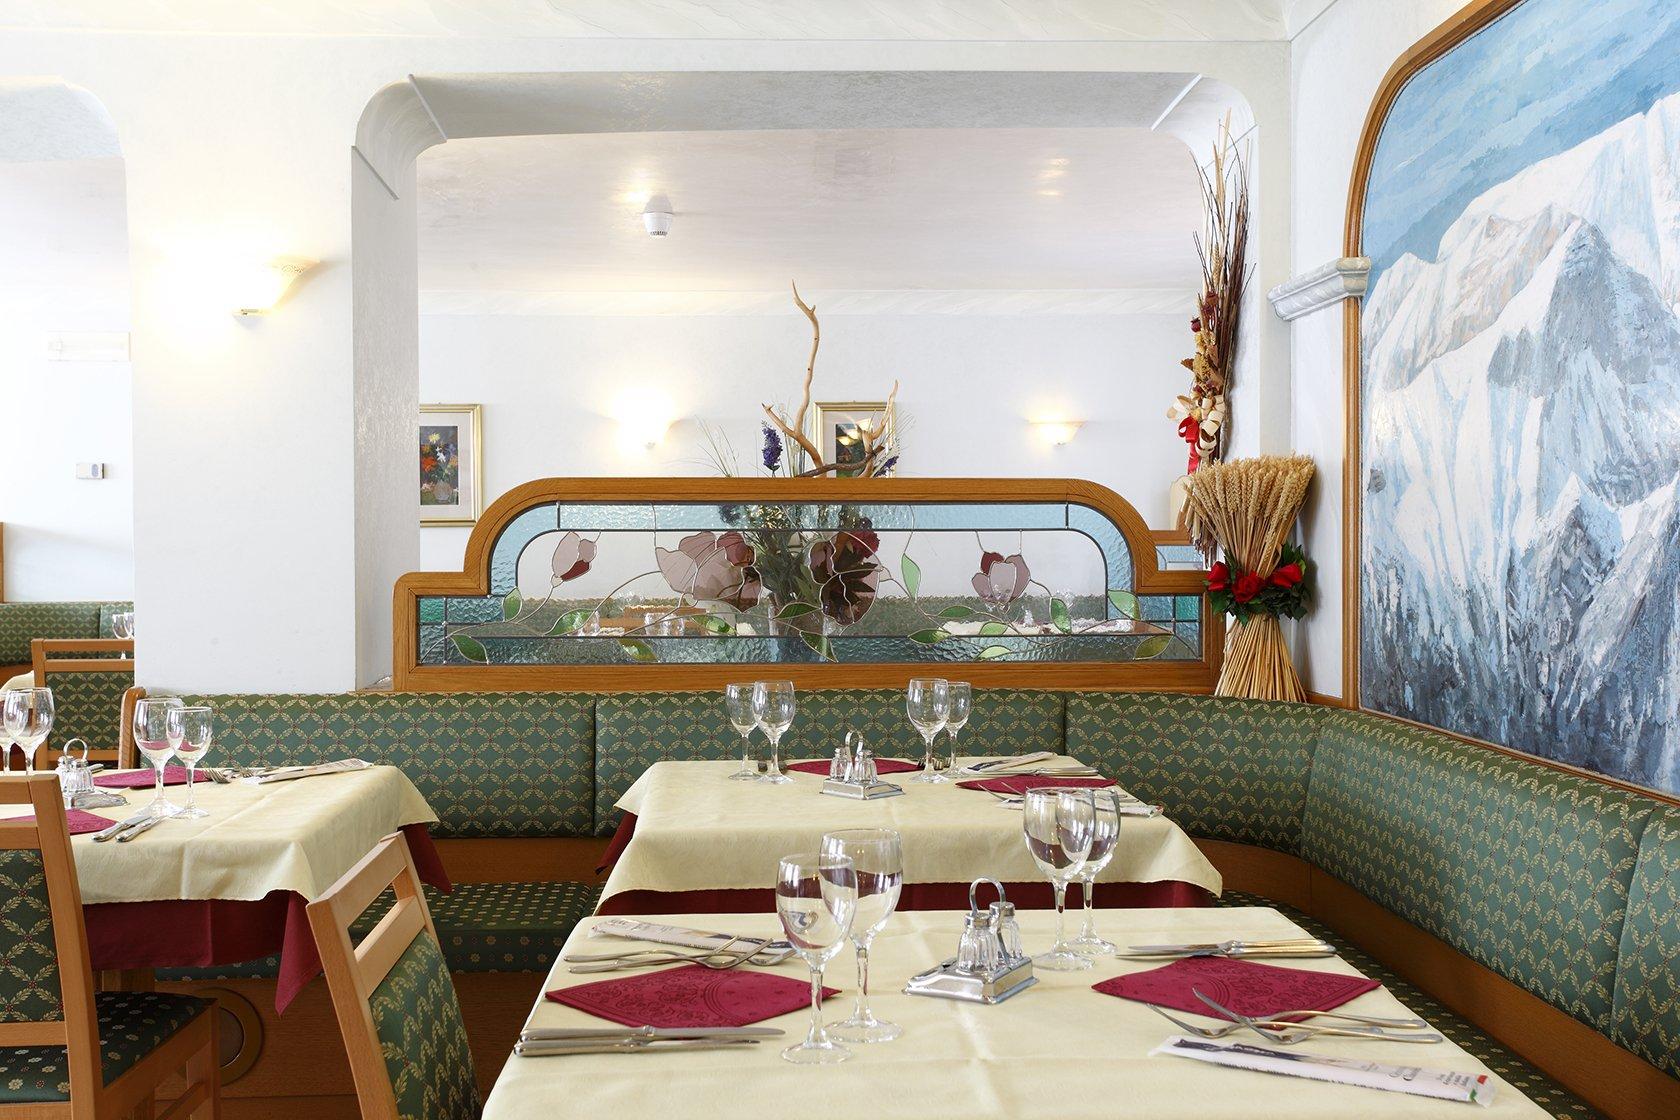 Hotel Villa Emma - Ristorante